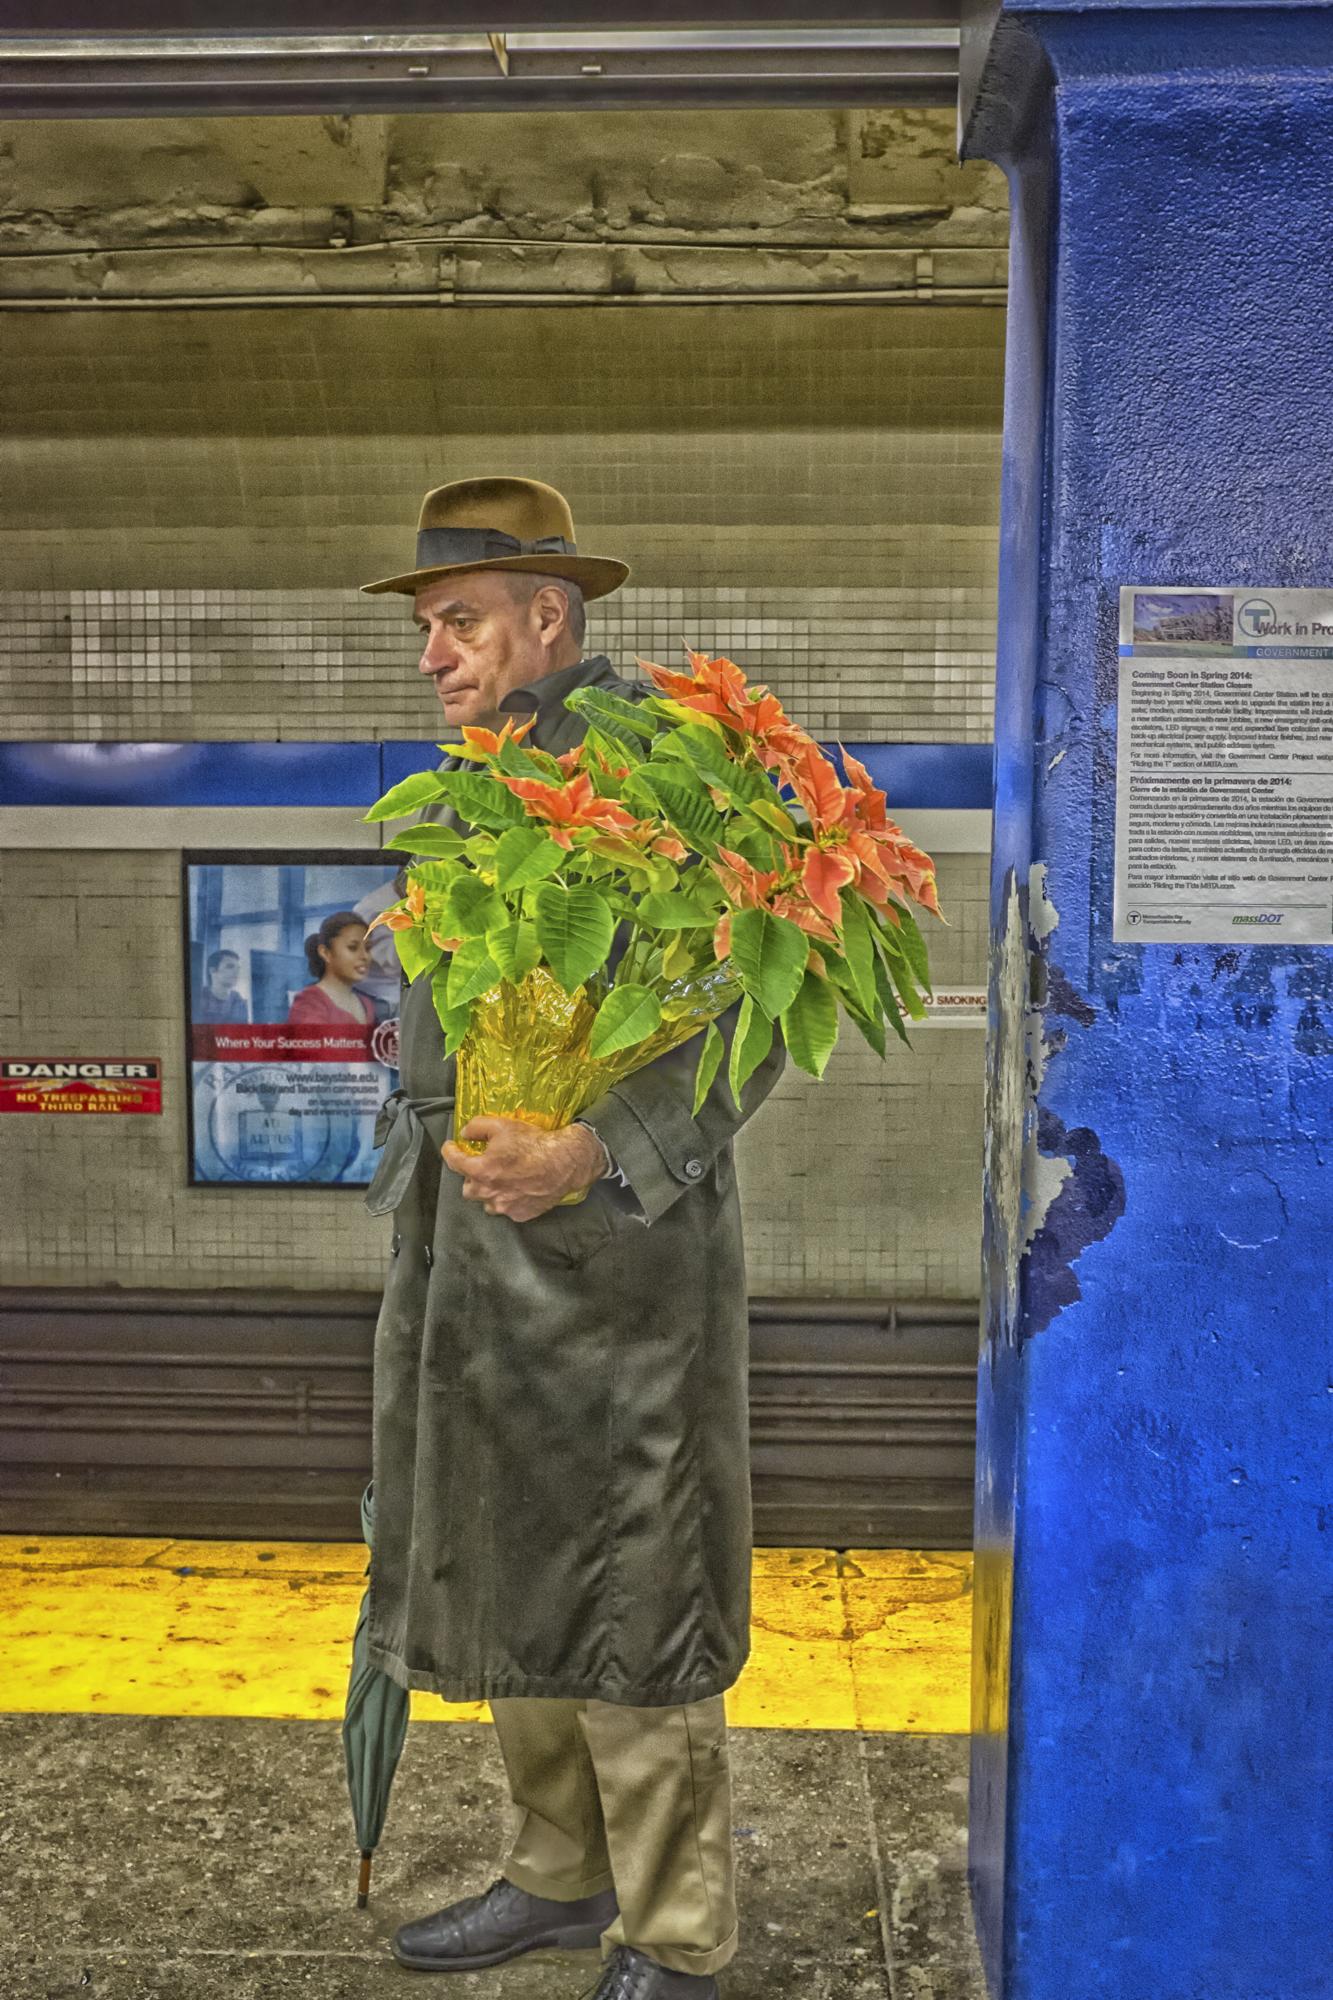 Blue Line Poinsettia, Government Center Subway, Boston, MA